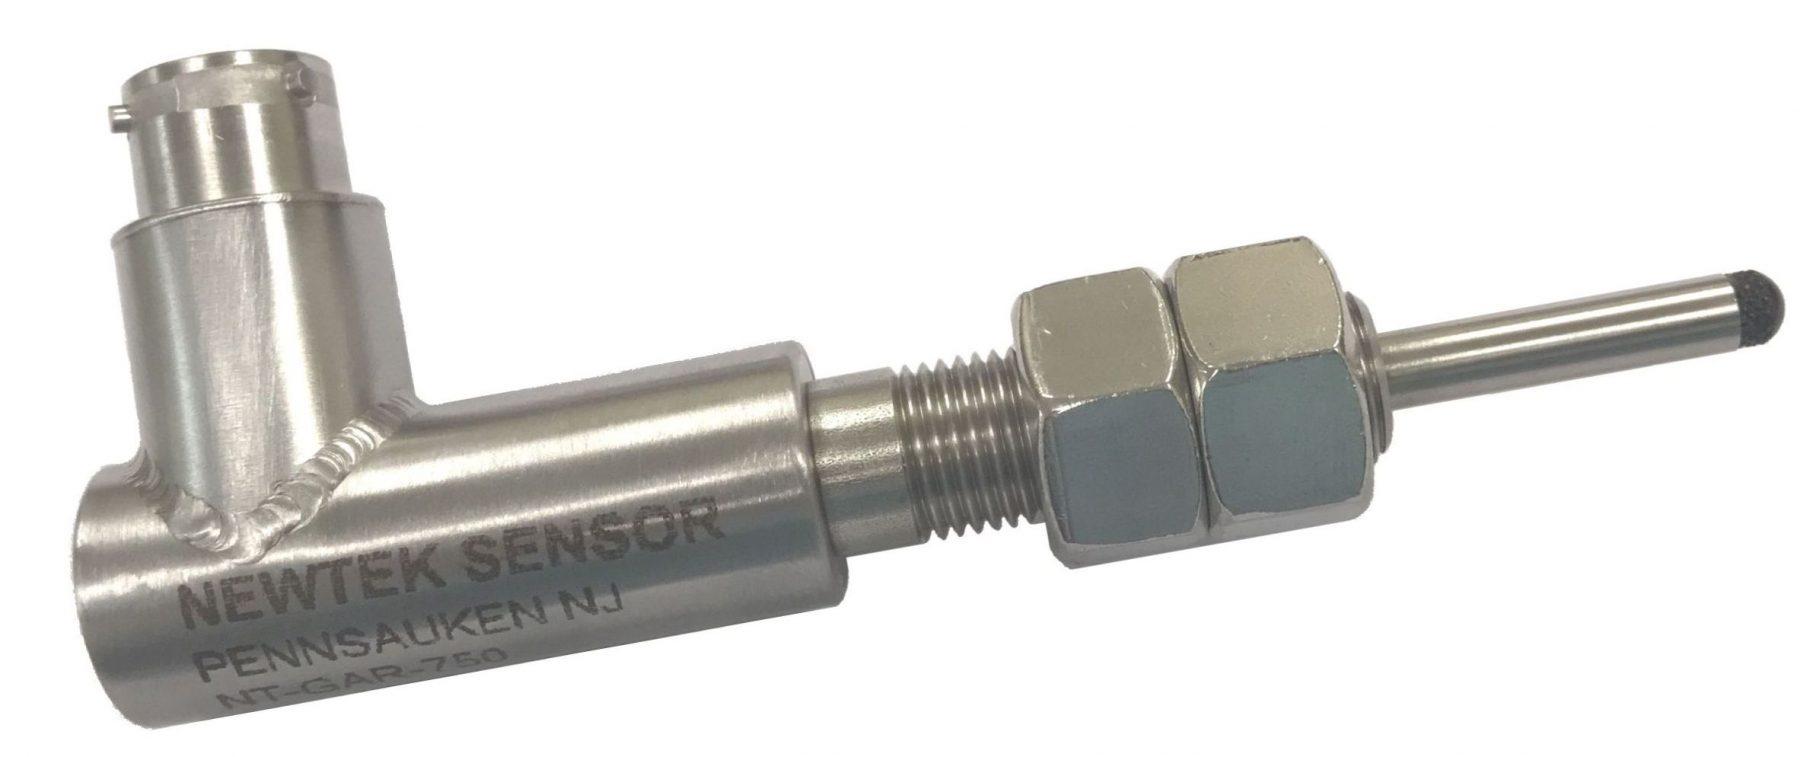 NewTek GAR-750 Series